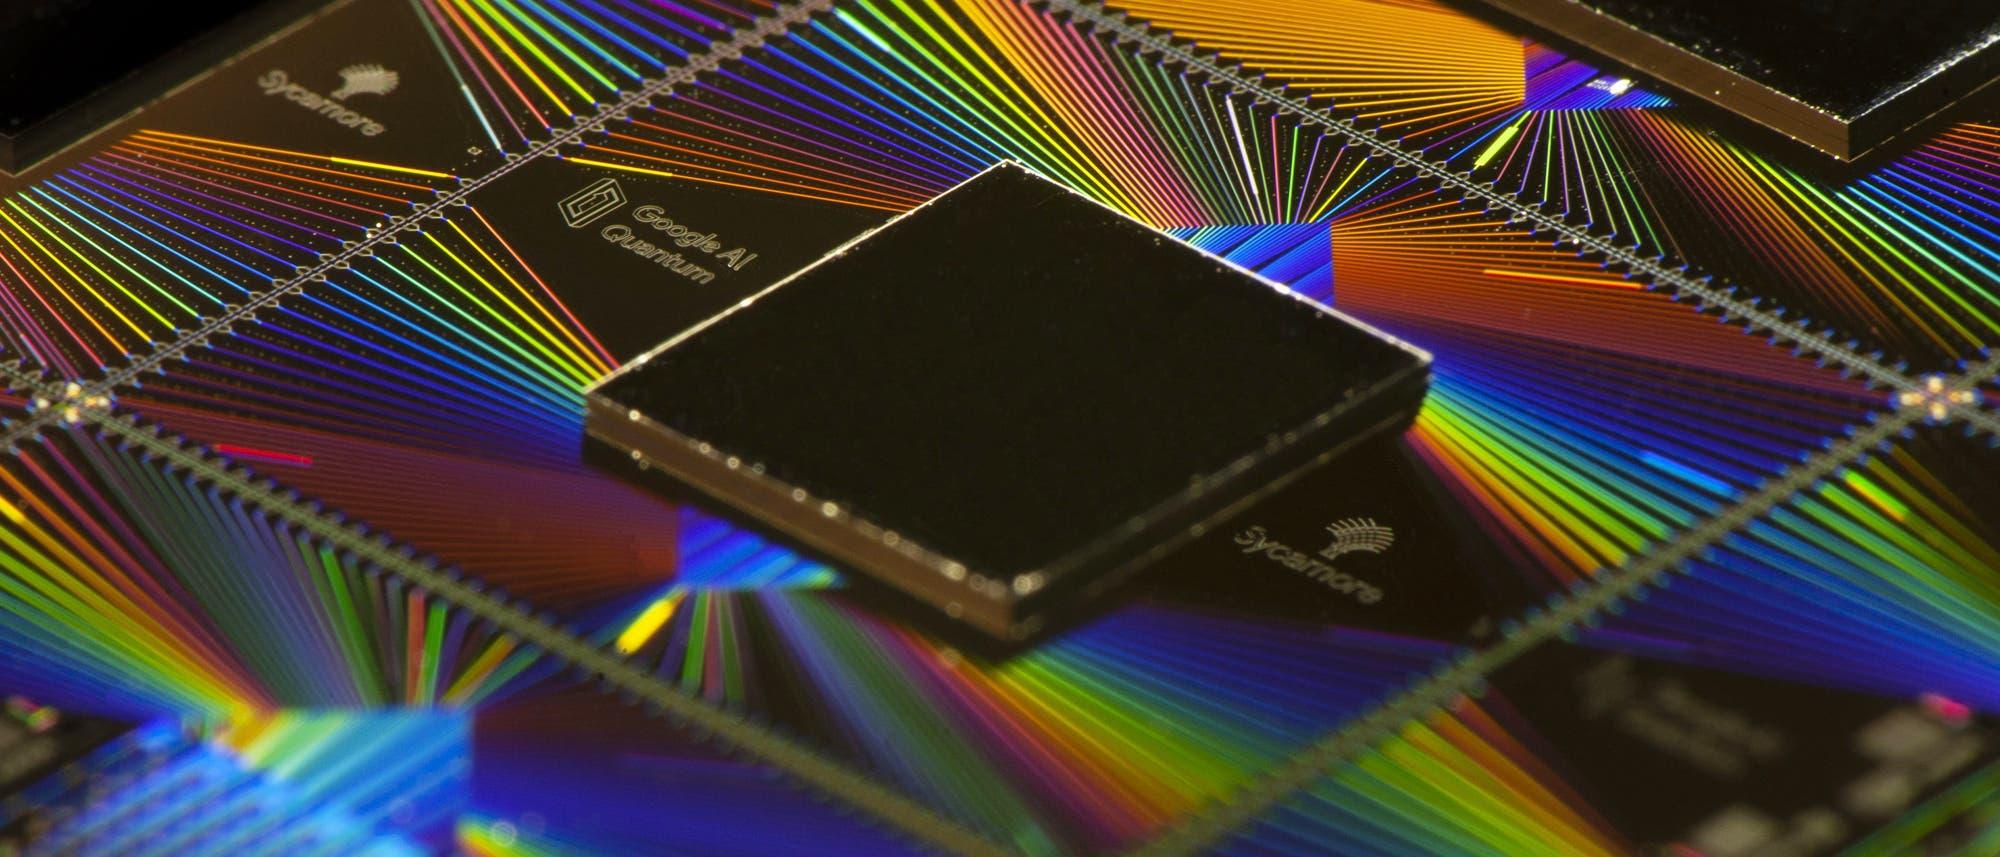 Sycamore-Quantencomputer